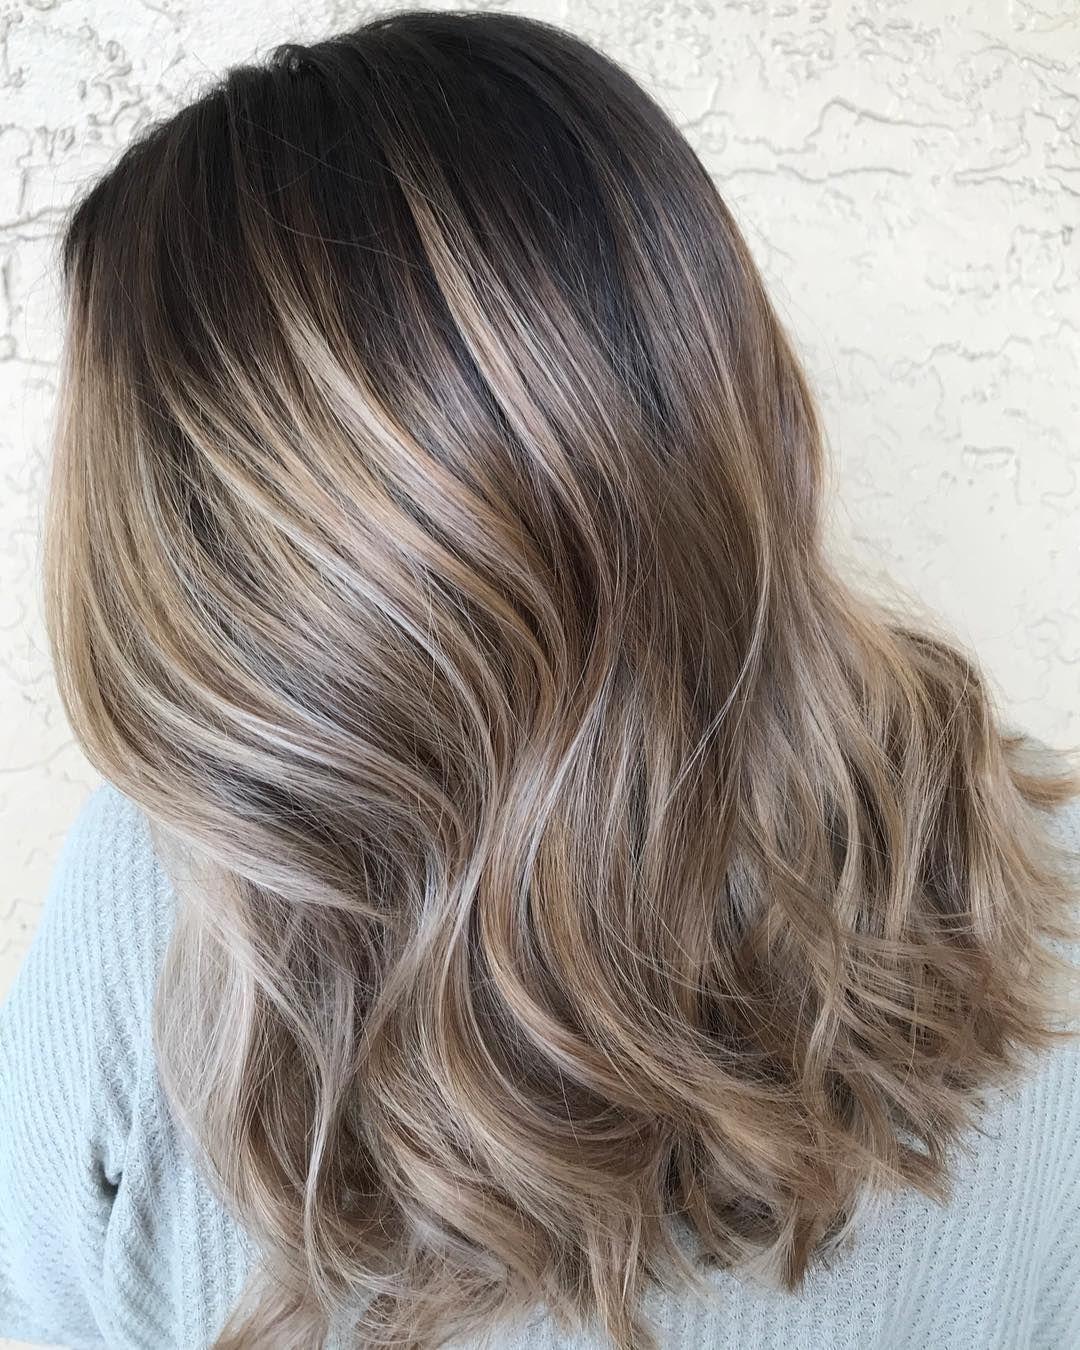 Melted Obsessed Colormelt Babylights Daviesalon Haircolorist Miamibalayage Daviebalayage B Balayage Kecantikan Rambut Ide Warna Rambut